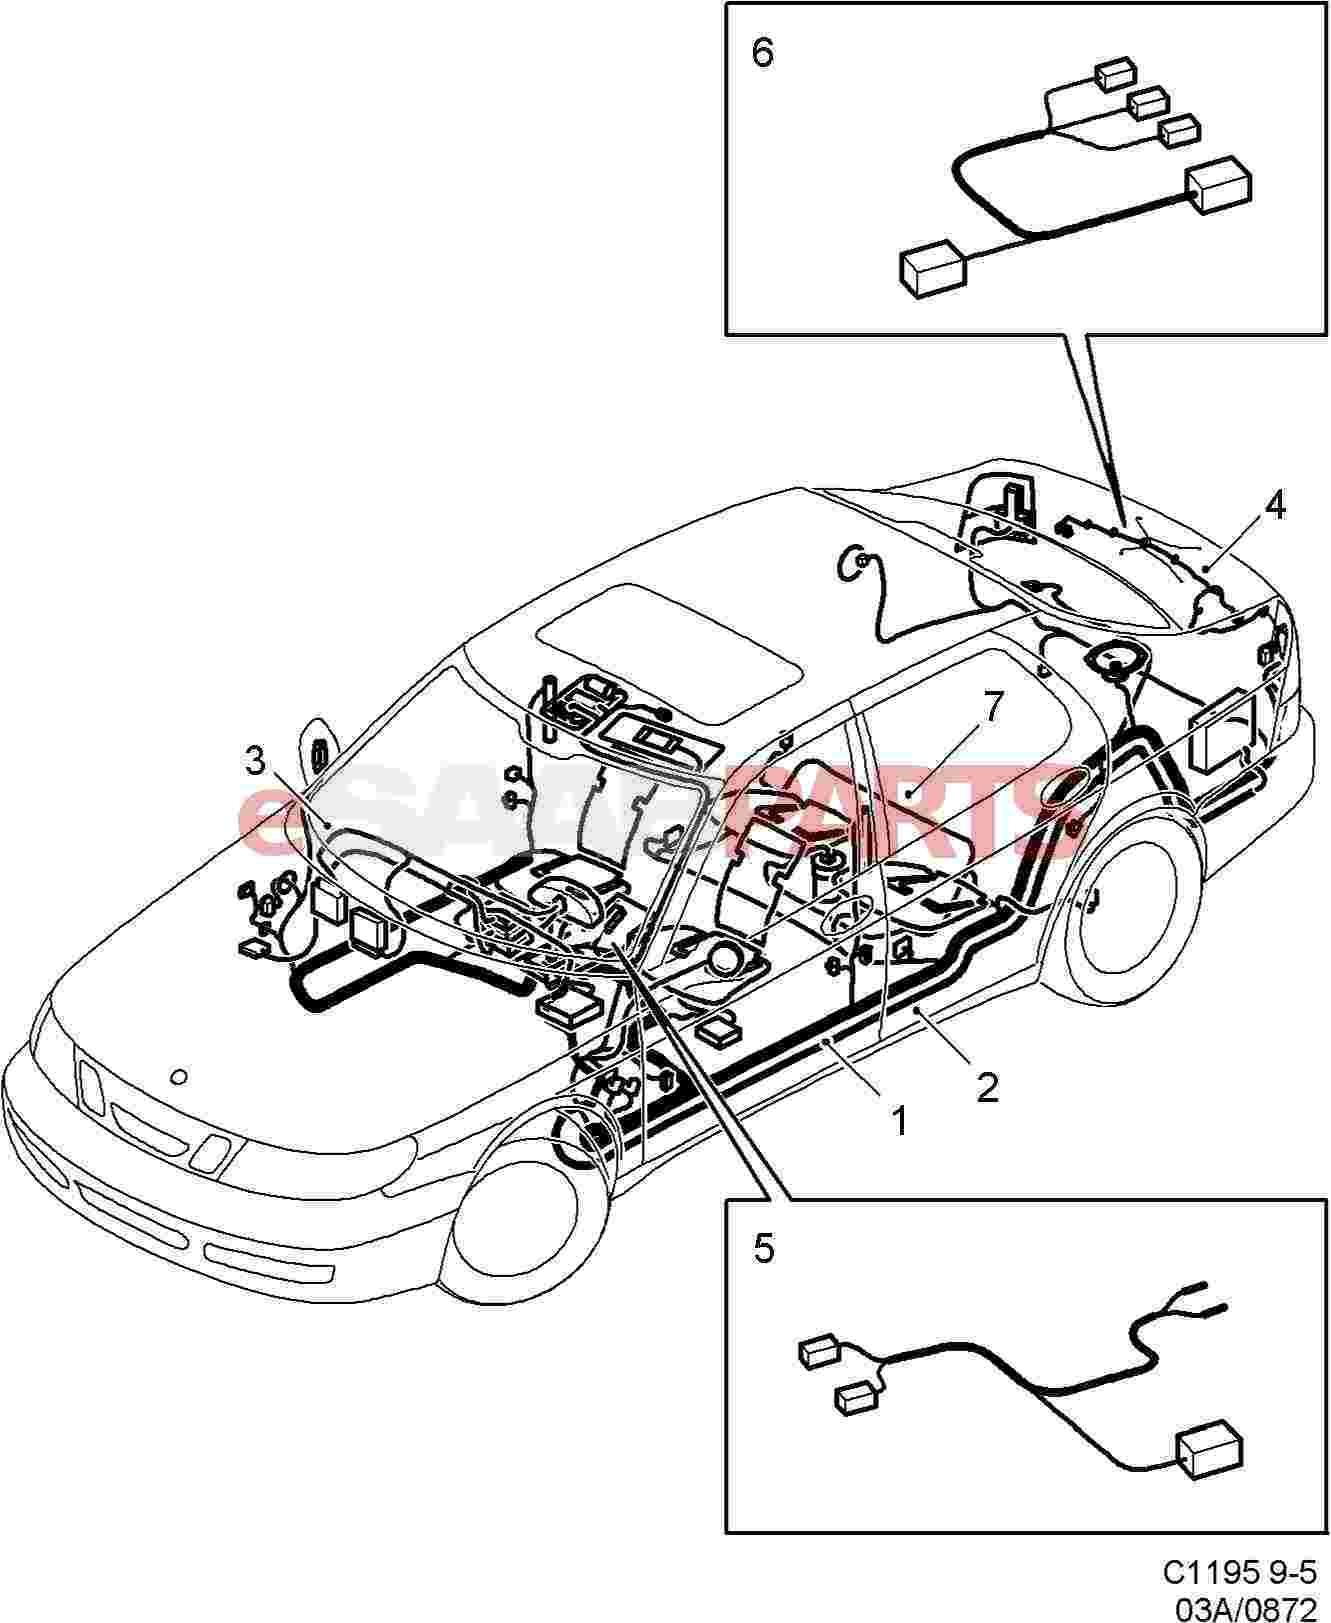 Lh 6958  Saab Towbar Wiring Diagram Schematic Wiring